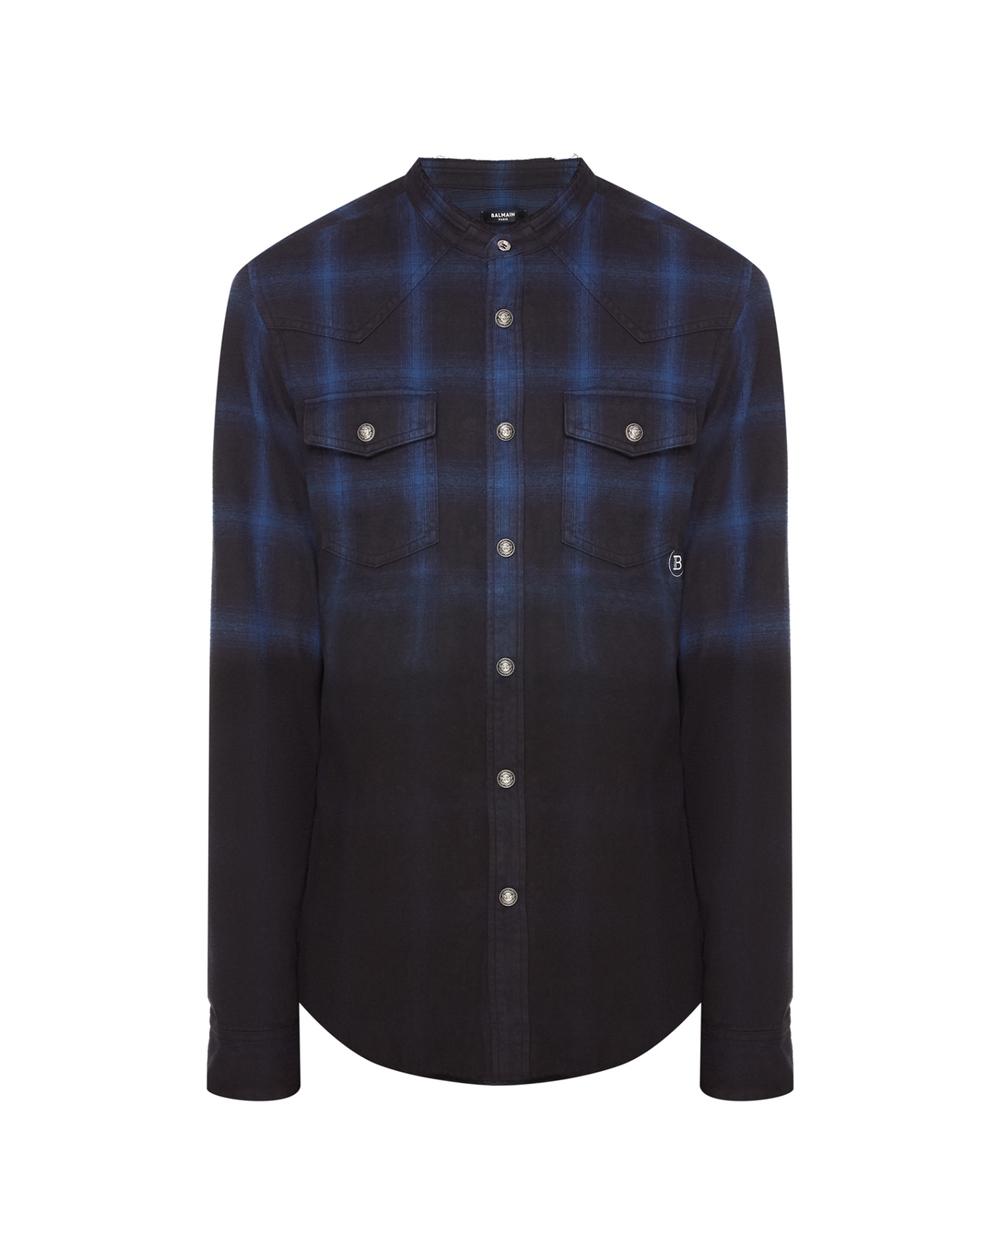 Рубашка Balmain UH12326Z066 — Kameron